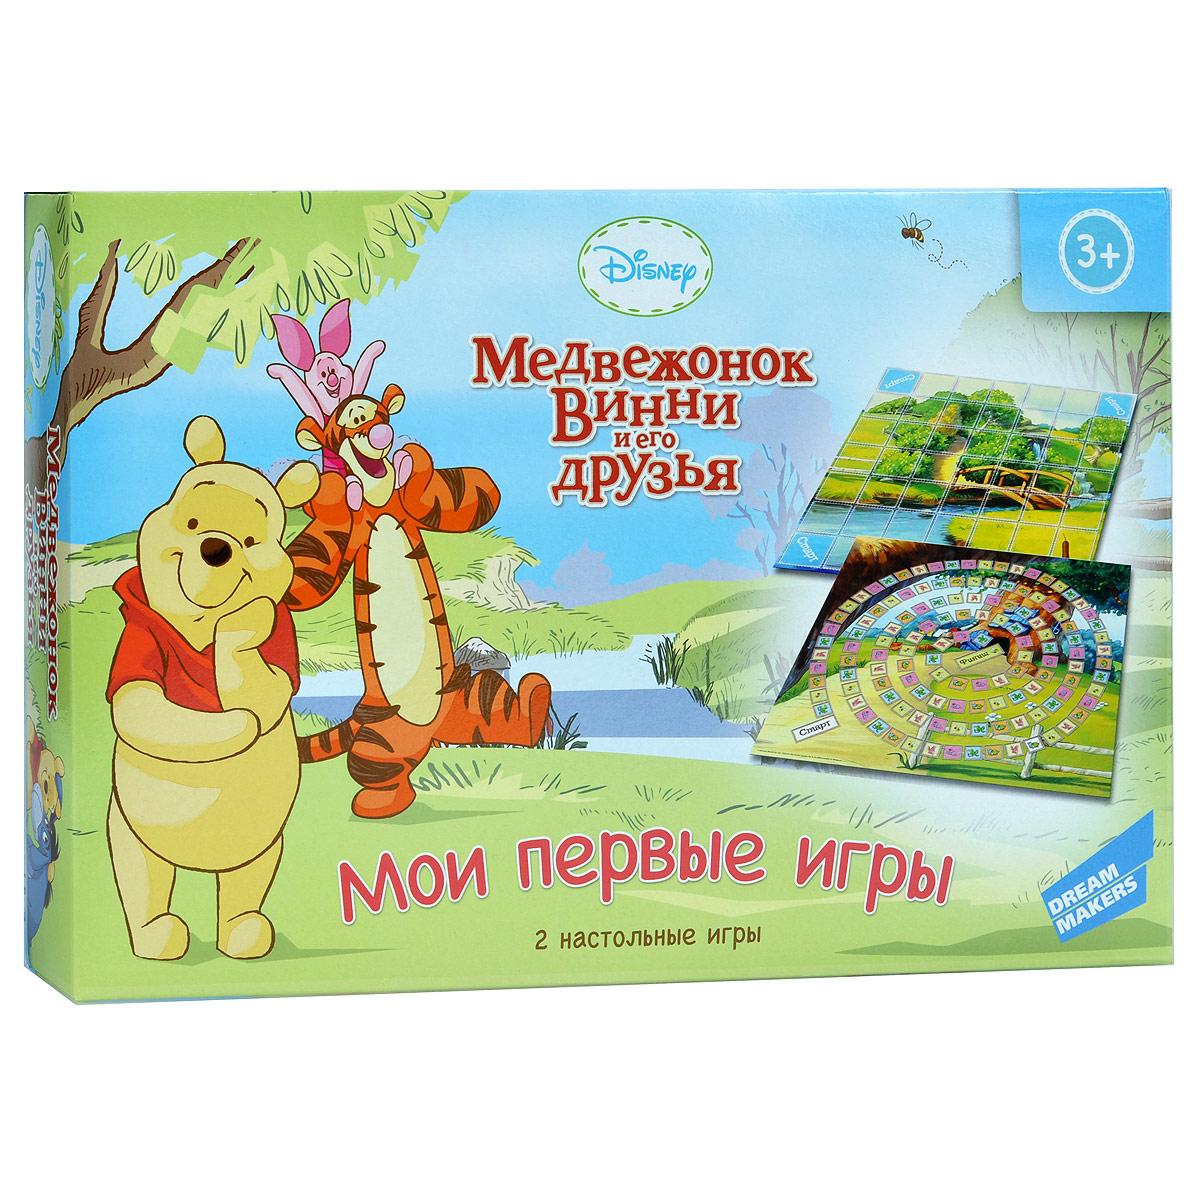 Winnie the Pooh Обучающая игра Медвежонок Винни и его друзья Мои первые игры 2 в 1 настольная игра 3 в 1 винни